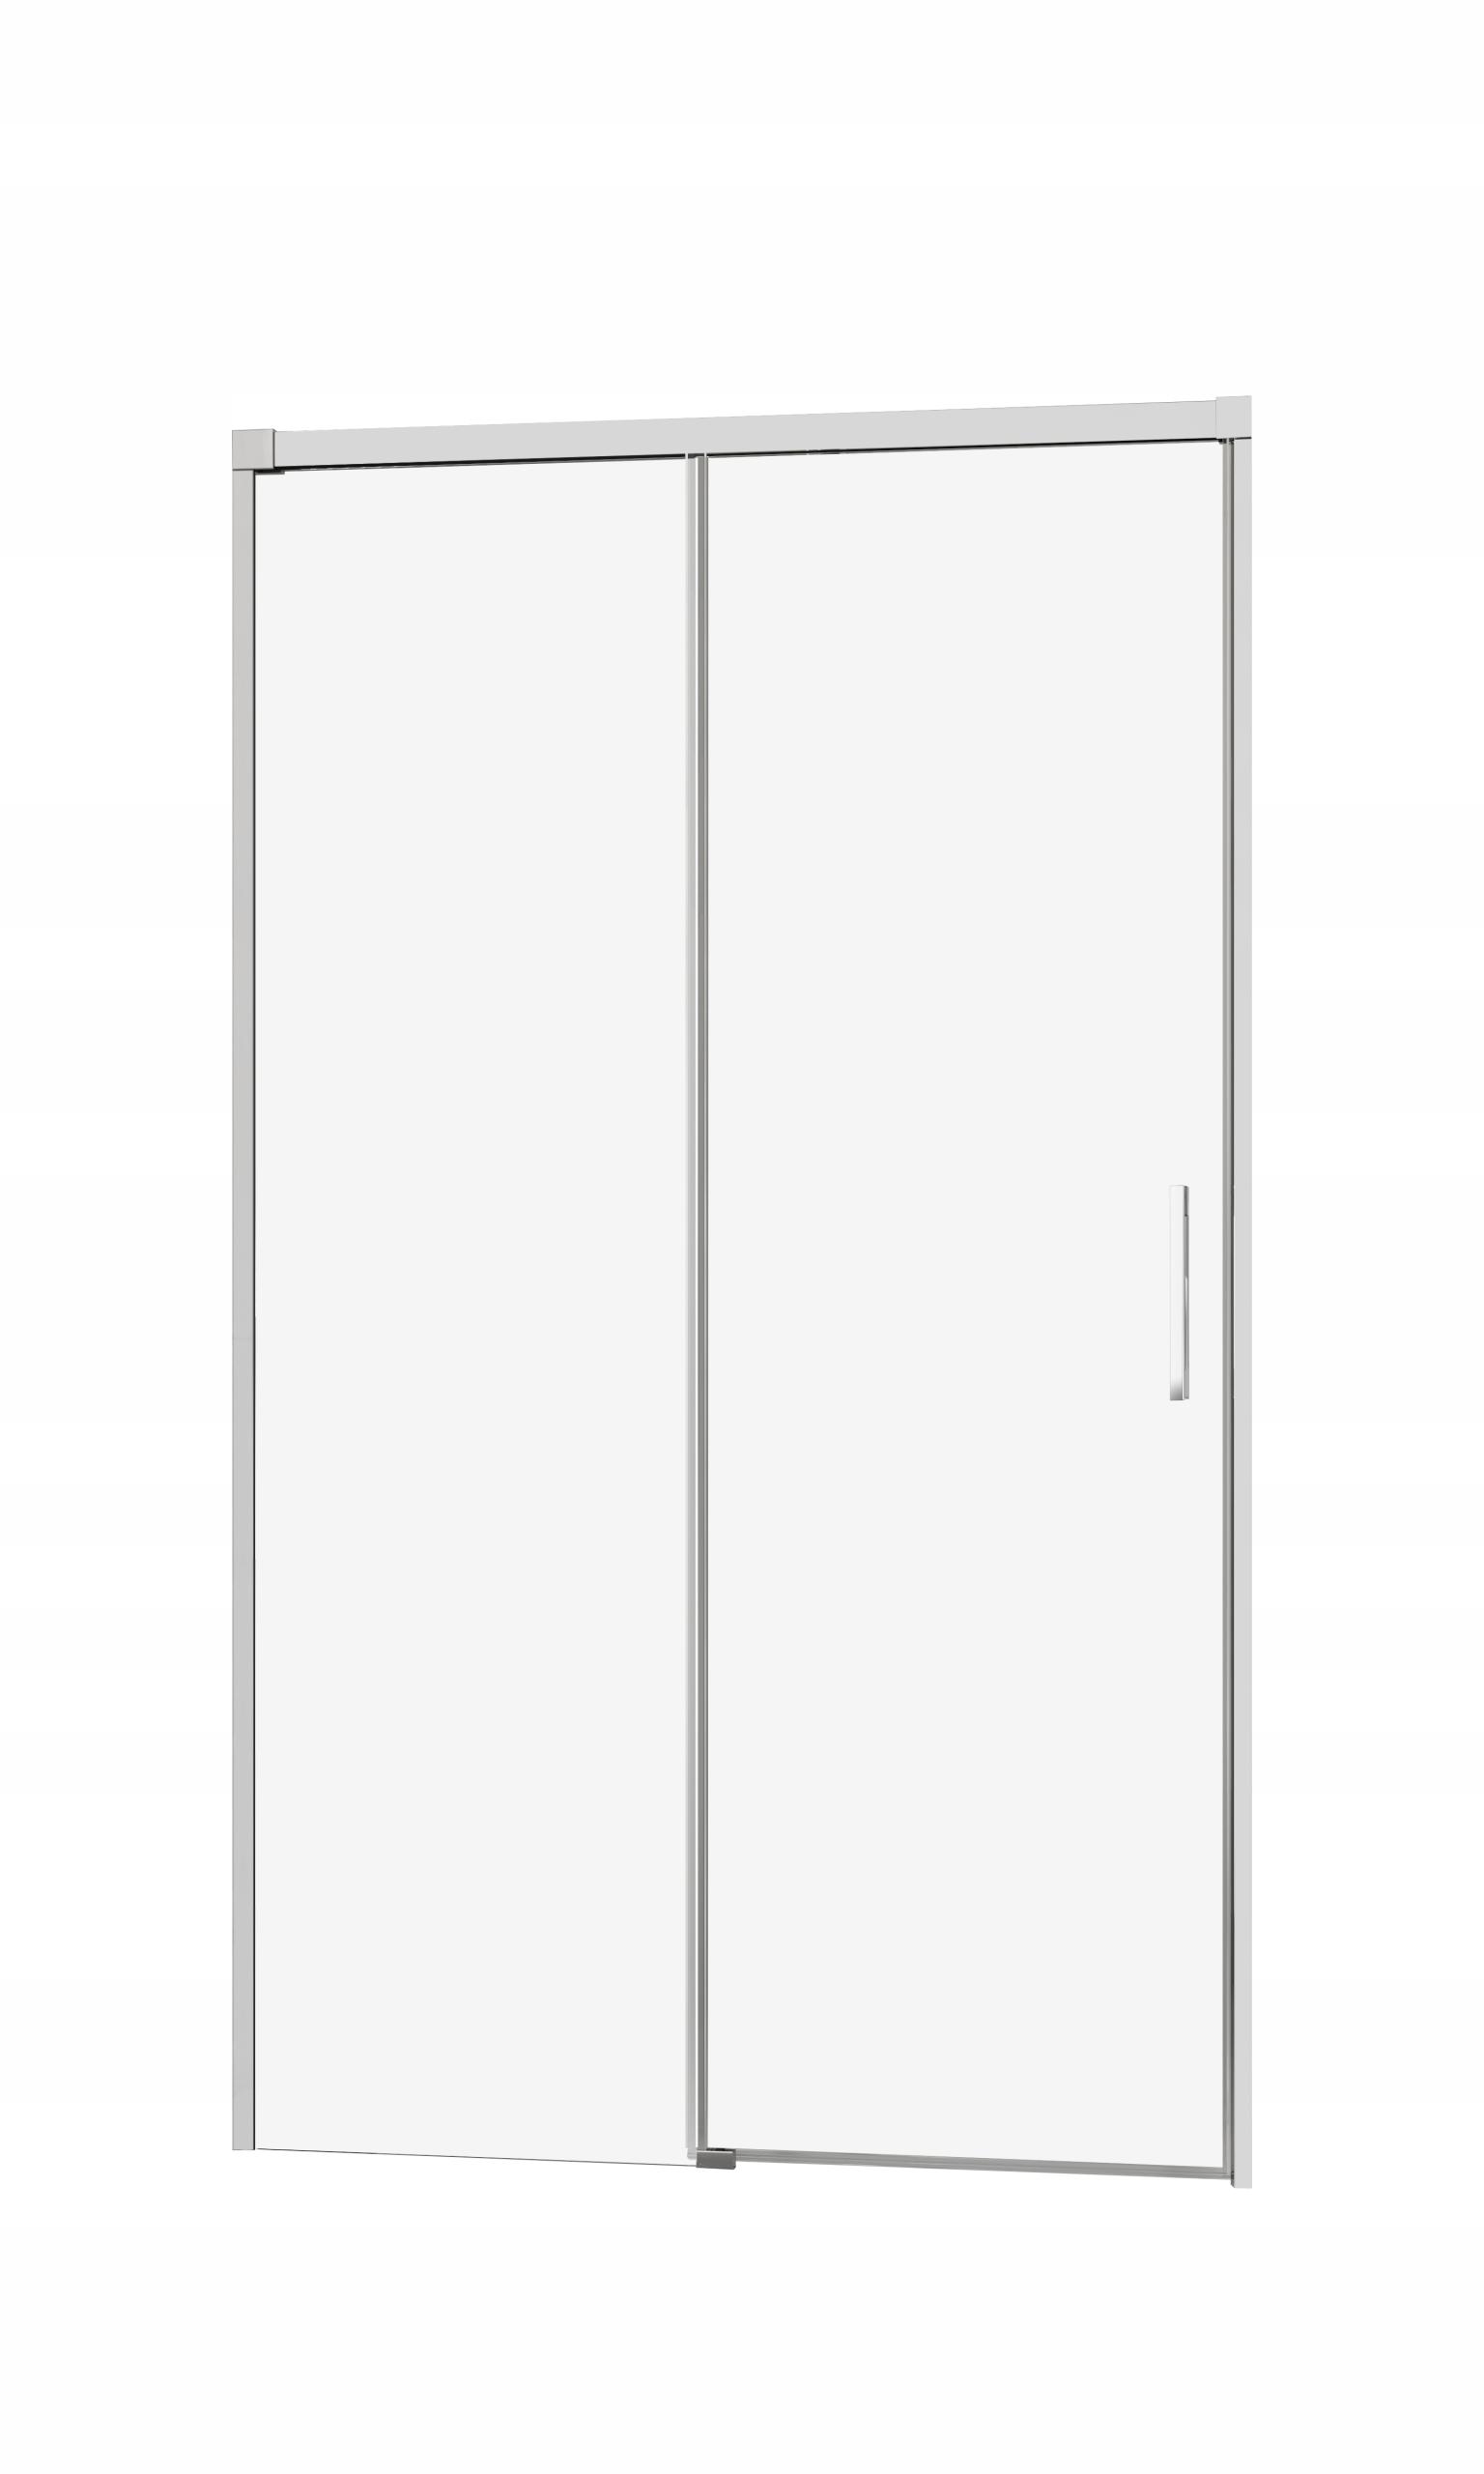 Idea sprchové dvere DWJ 130x200,5 cm RADAWAY